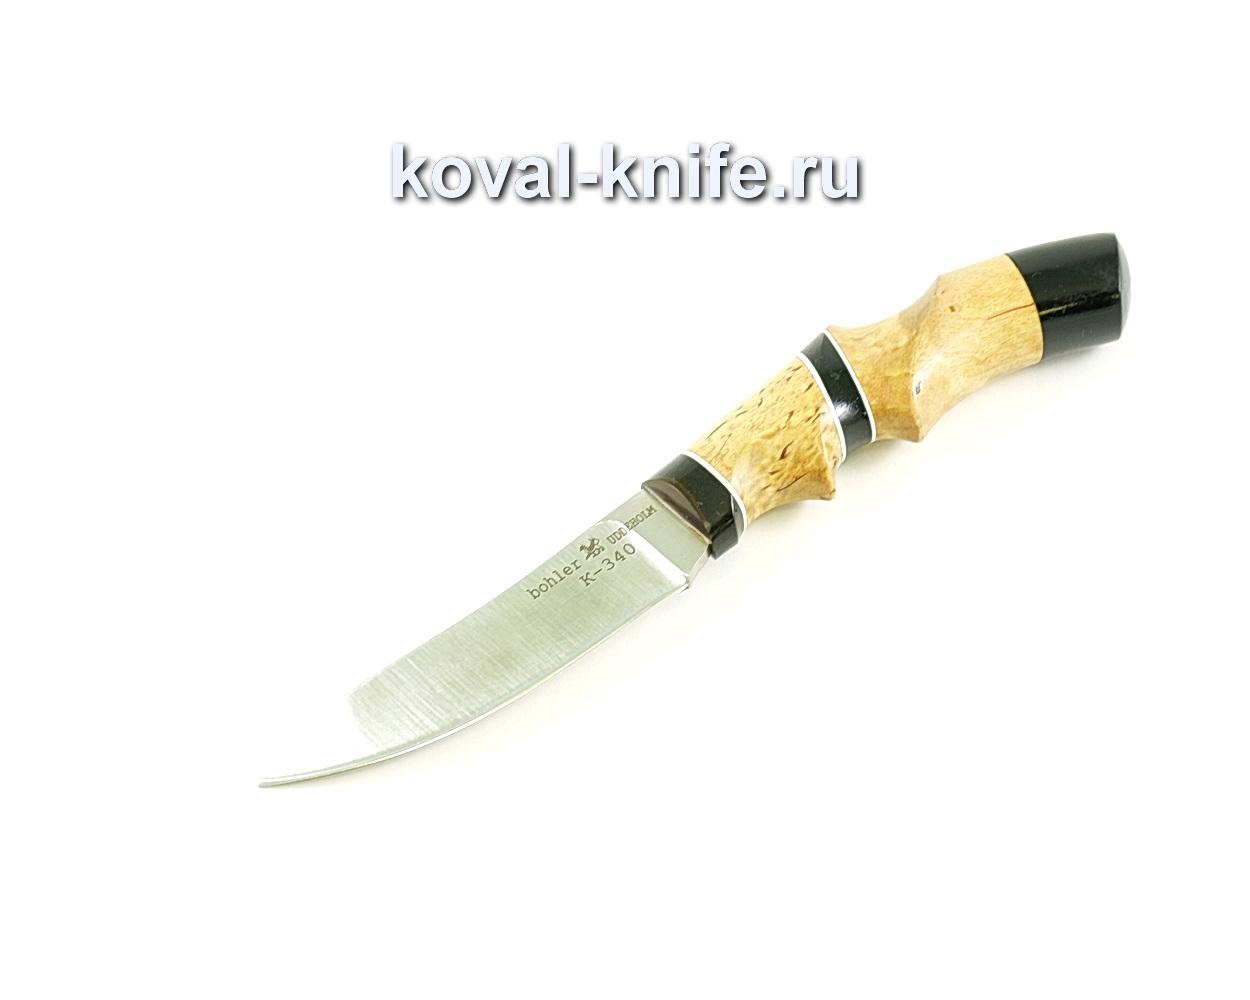 Нож Лань (сталь K-340), рукоять эбонит, карелка A110